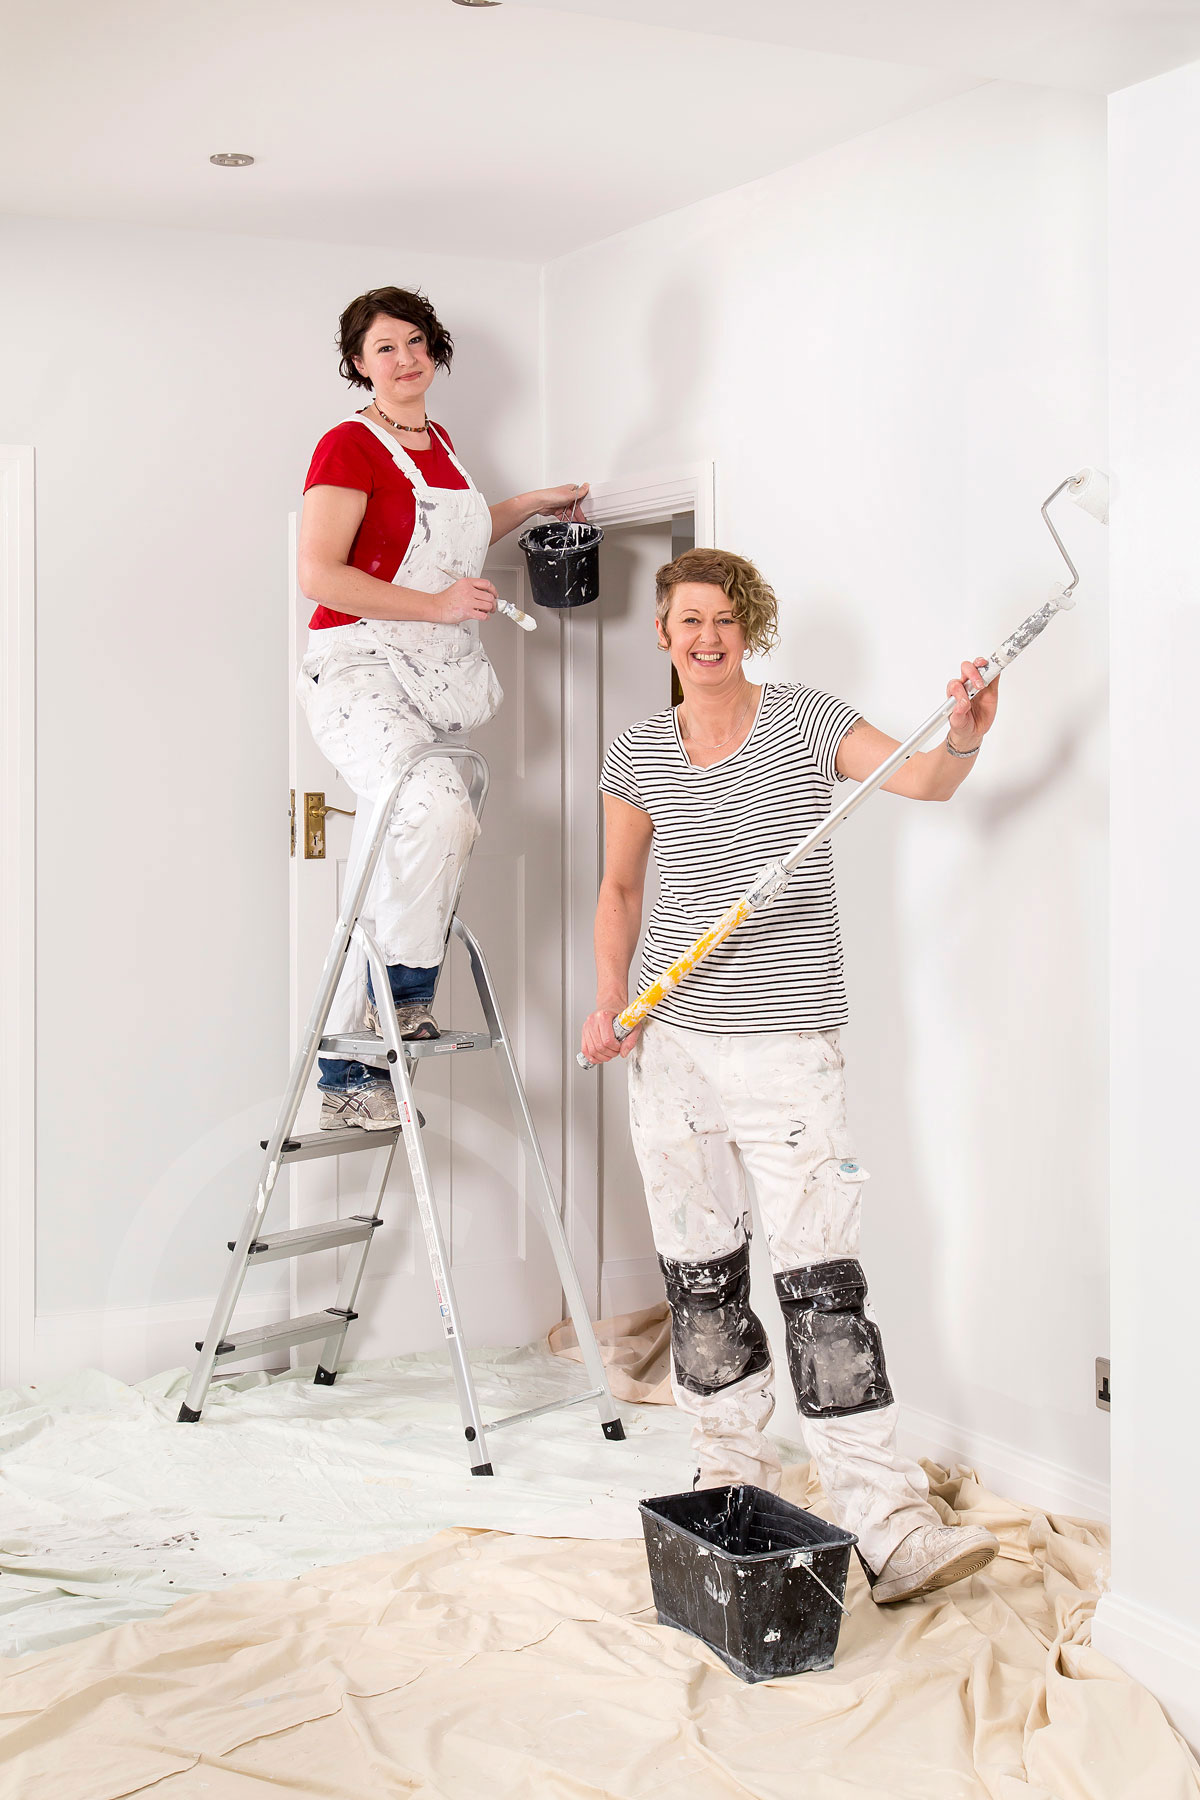 Prima-magazine-editorial-painters-decorators-manchester-photographer-primerDonnas-8116